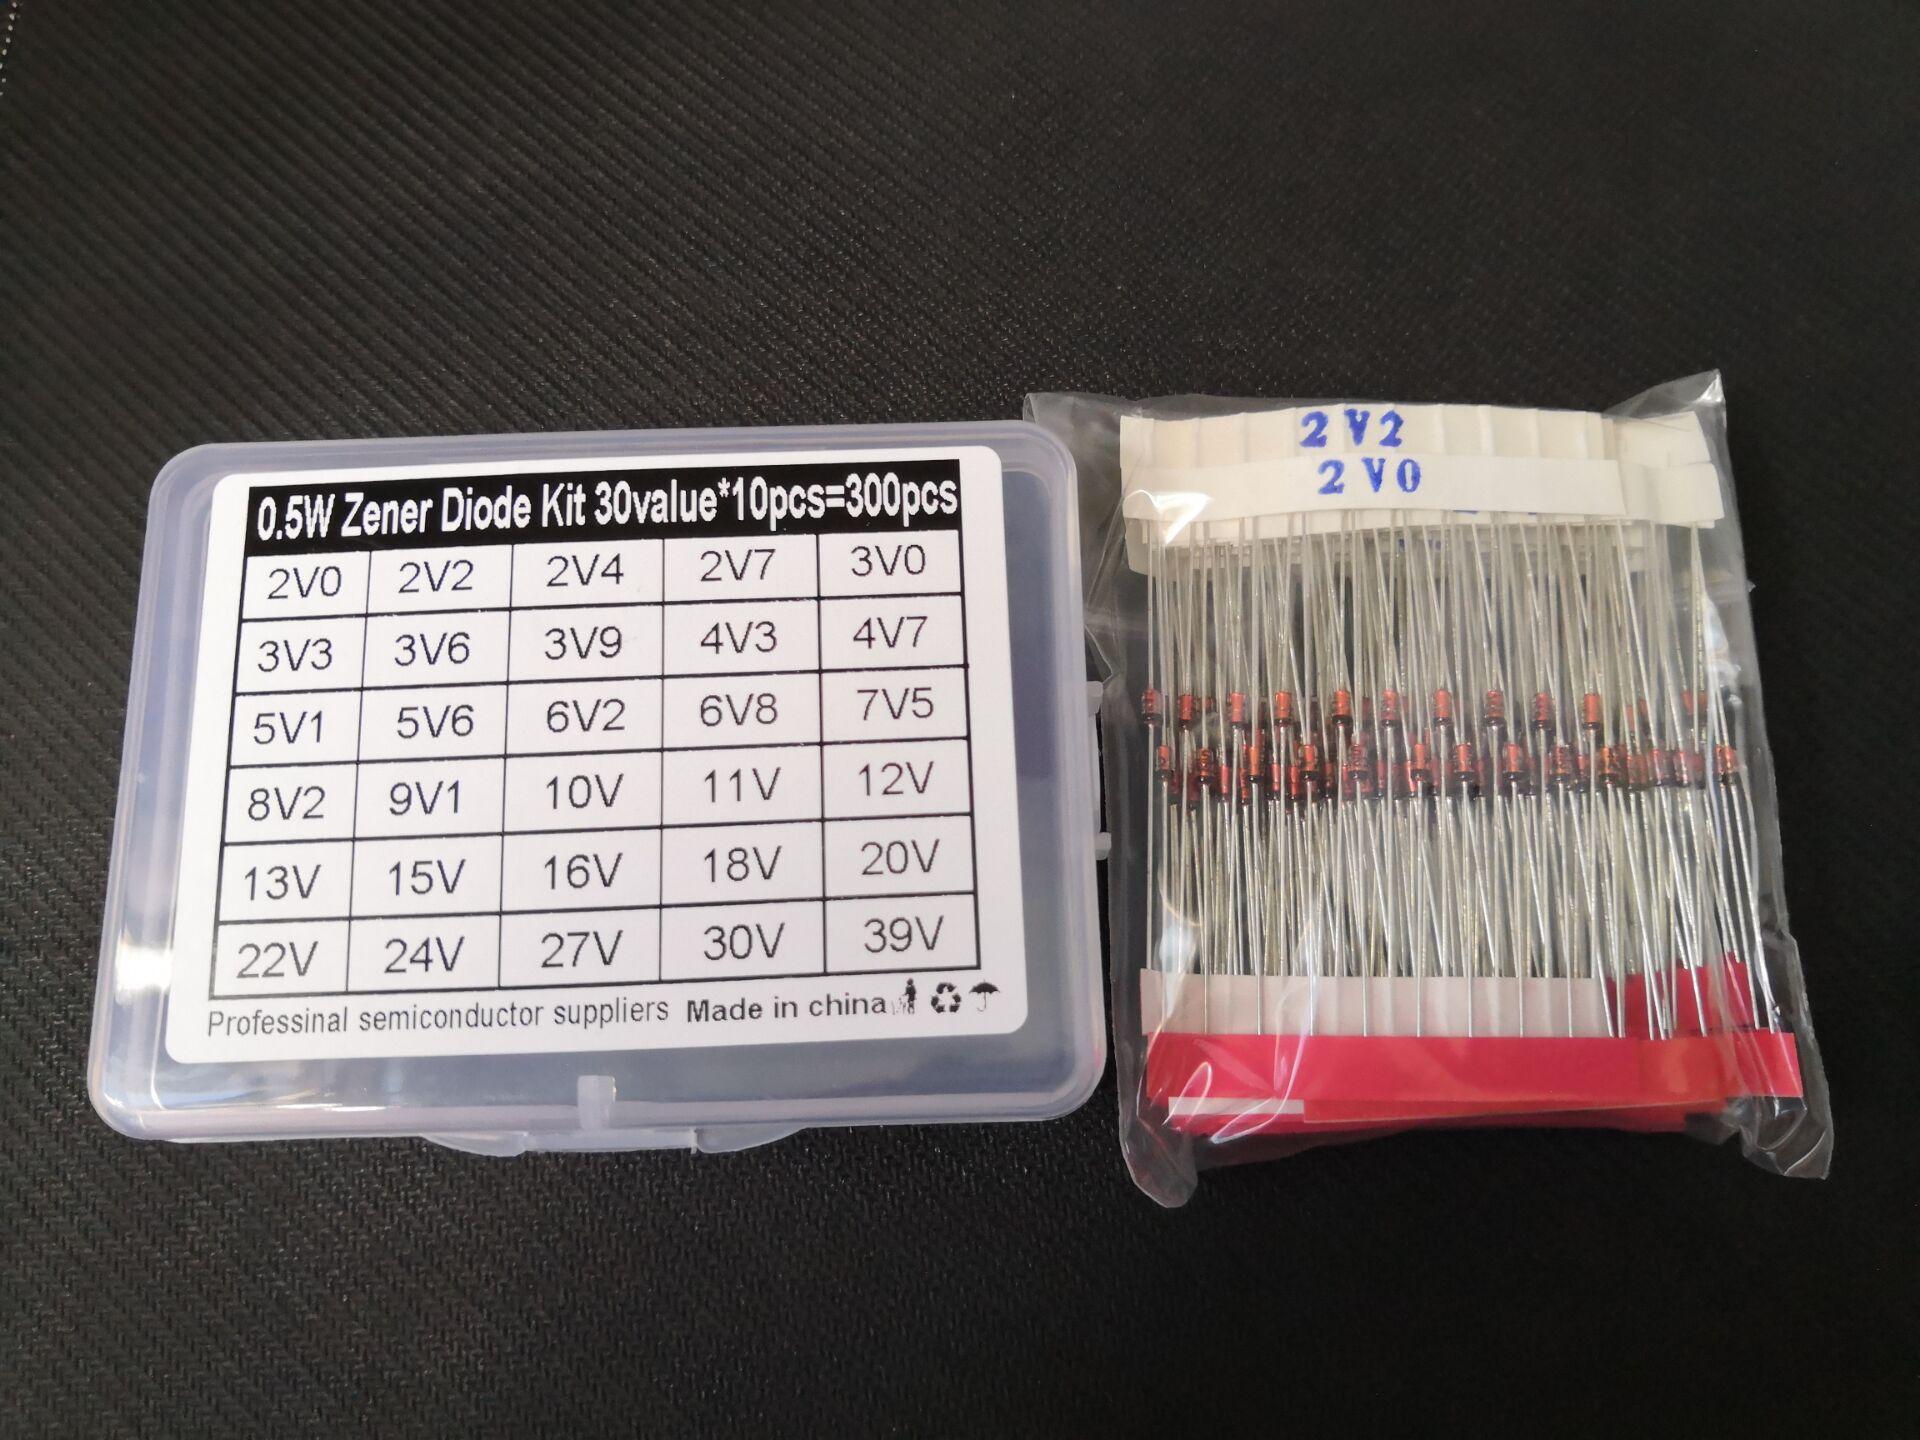 Aliexpress - 300PCS=30Values*10pcs 2V~39V Diode kit 0.5W Zener Voltage Regulator 39V 30V 27V 24V 22V 20V 18V 16V 15V 13V 12V 11V 10V..Assort